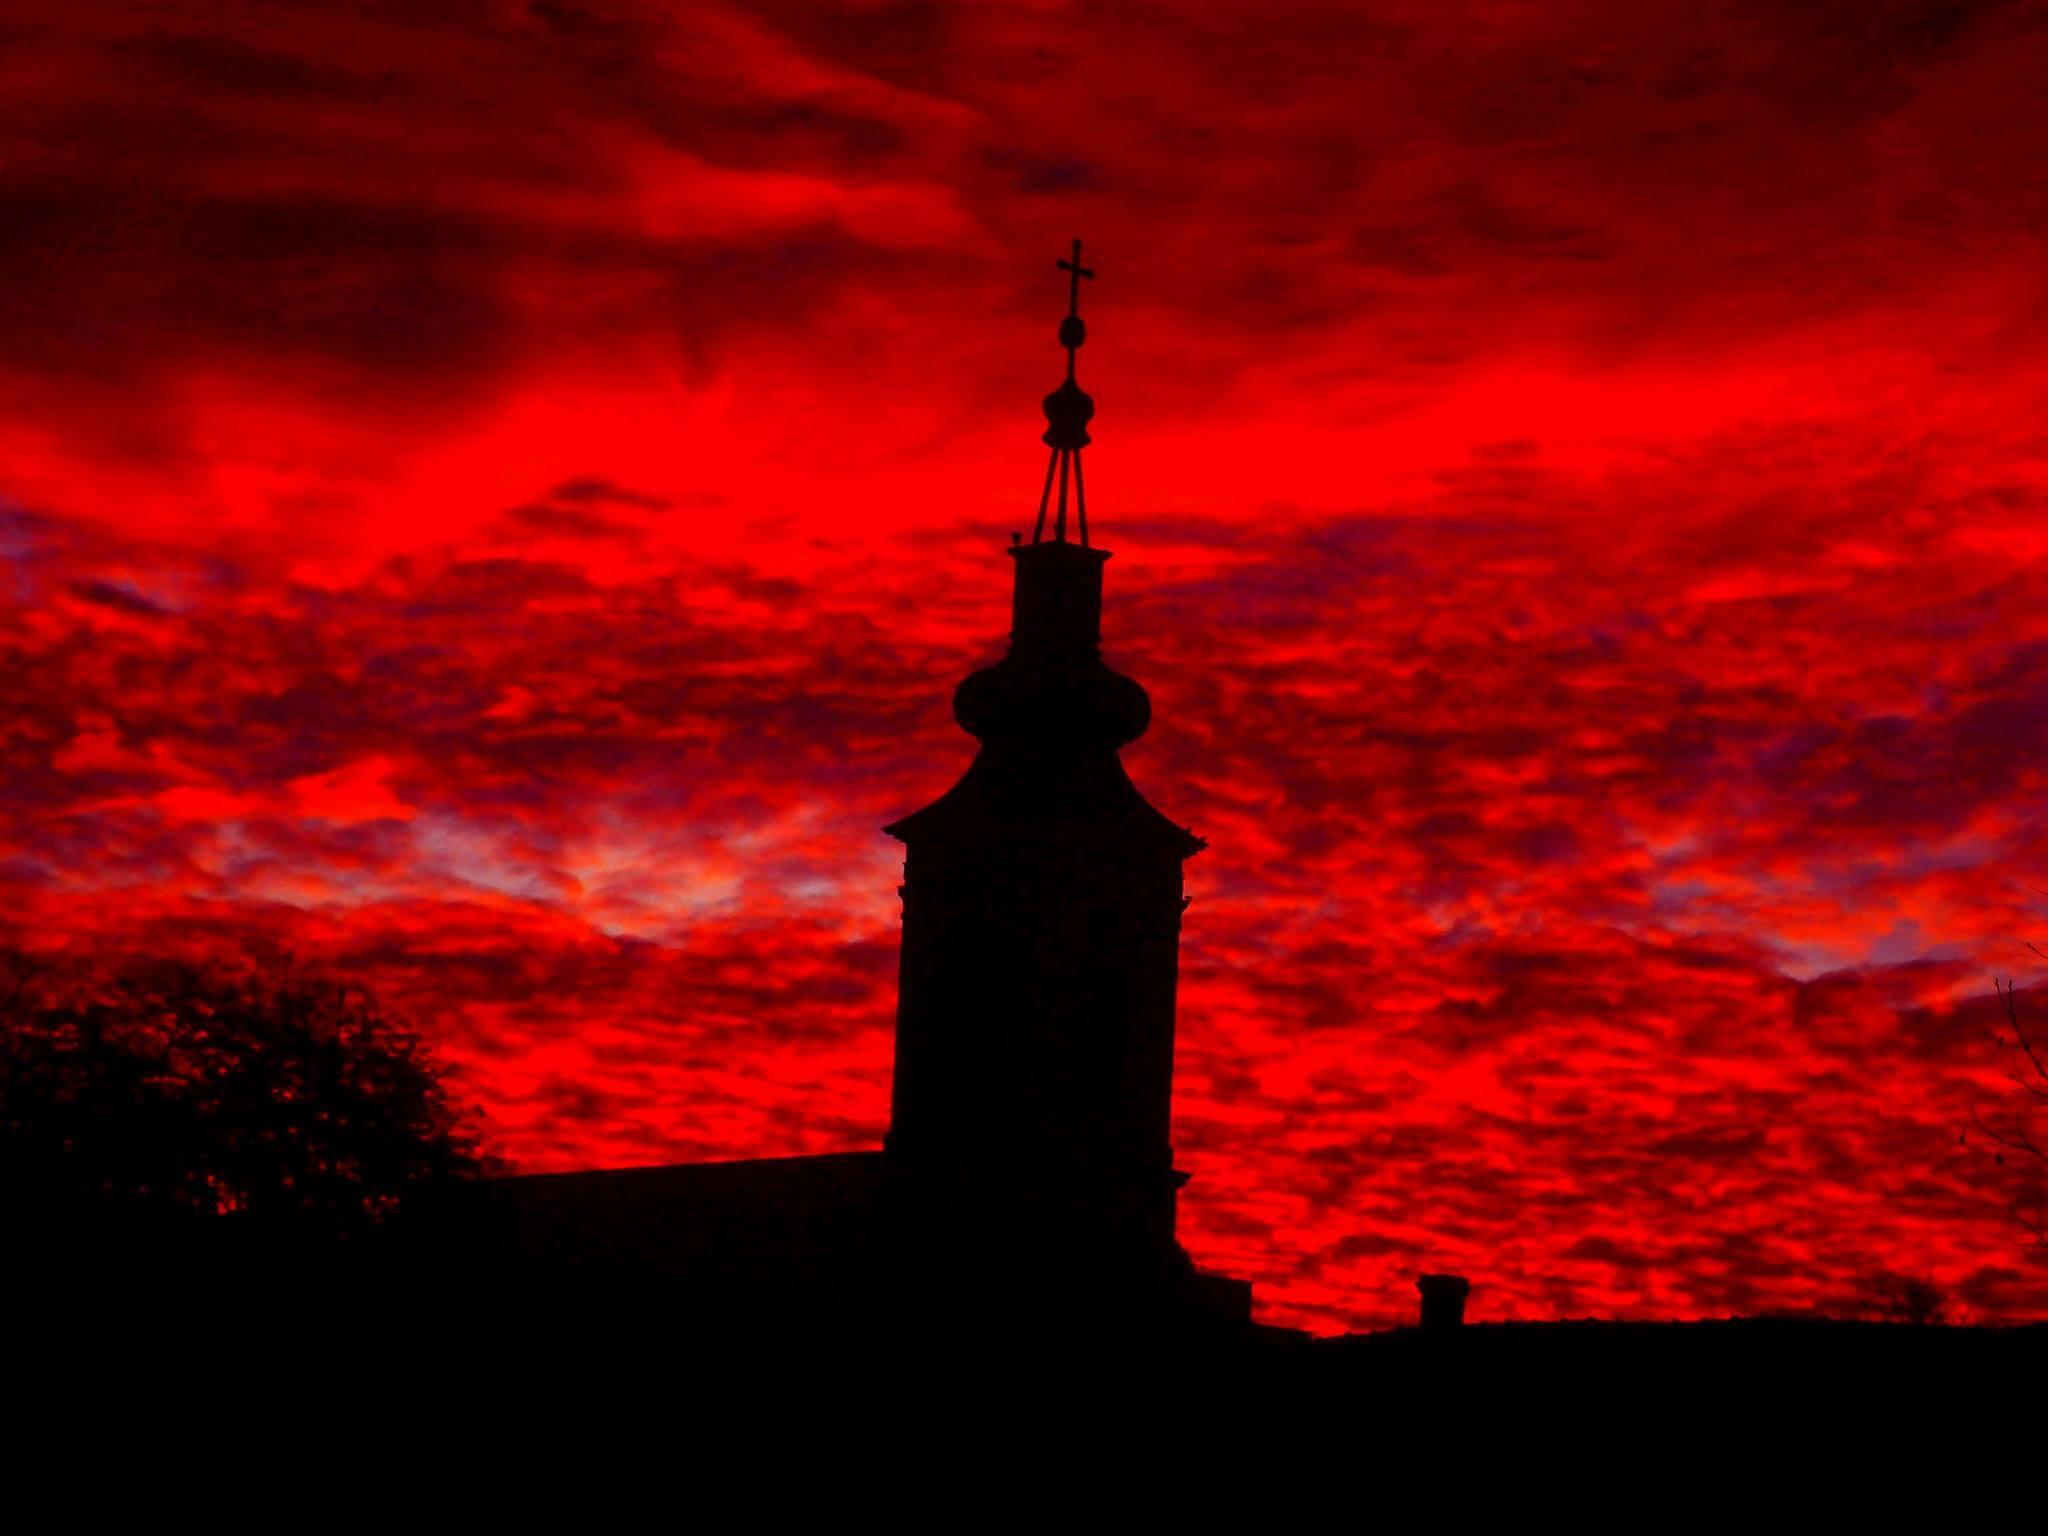 Izlazak sunca Lalić - 12. dec (Foto: Aleksandar Popović)